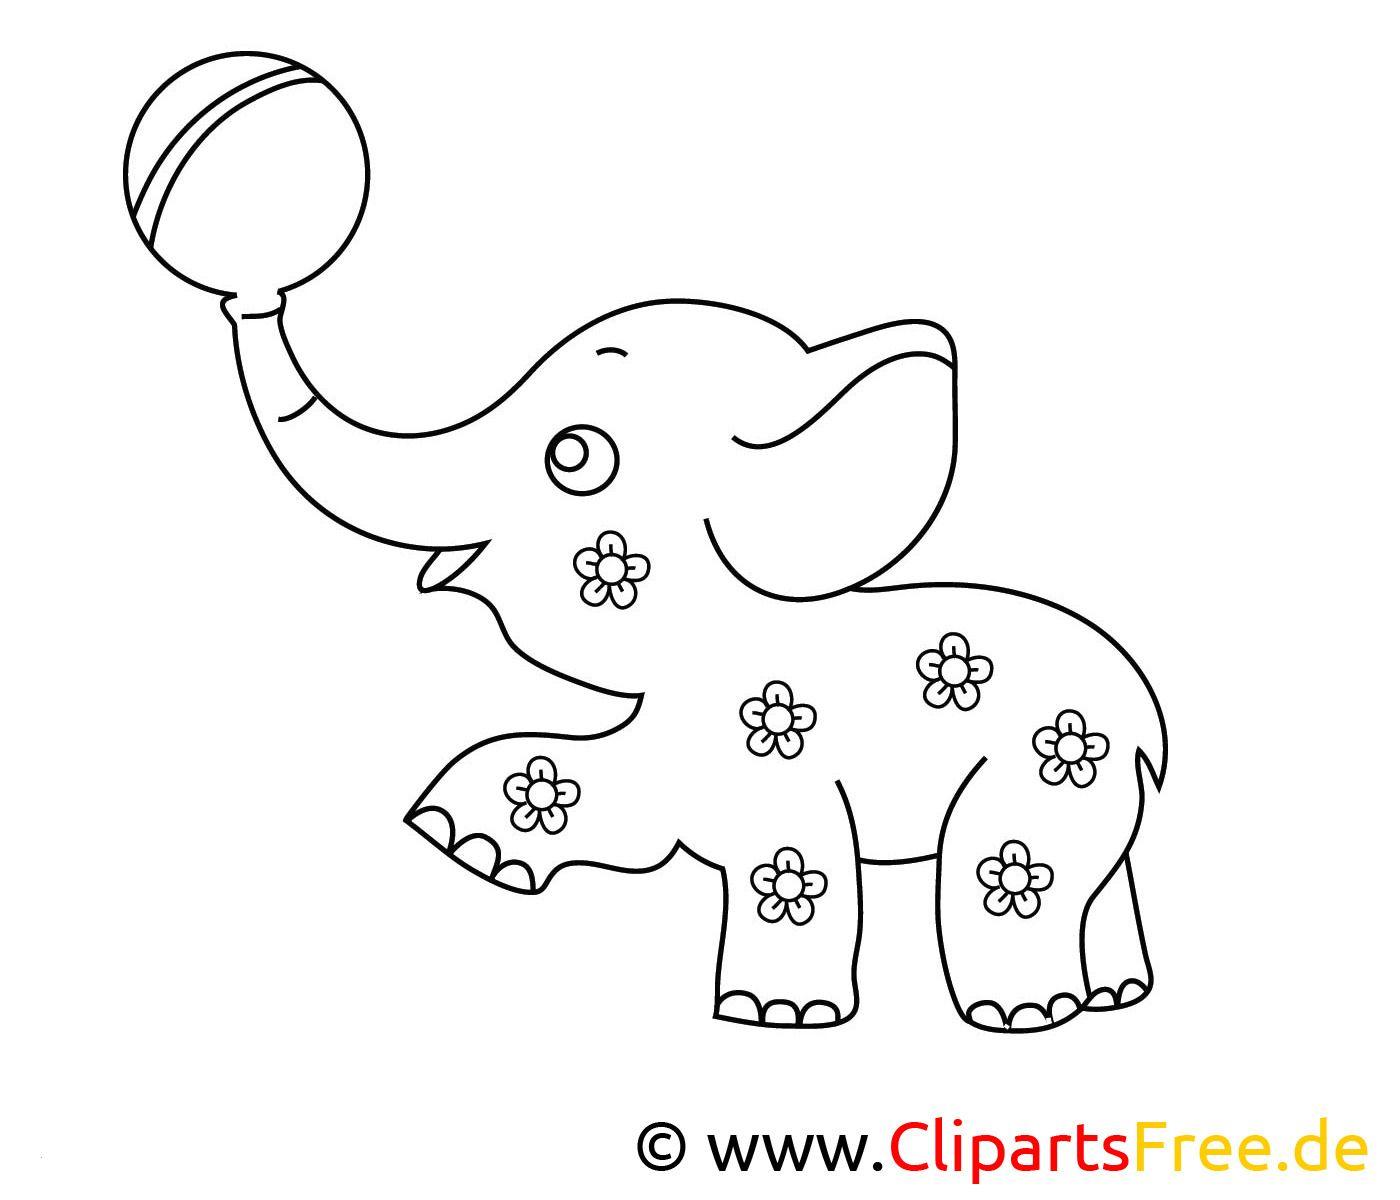 Ausmalbilder Elefant Zum Ausdrucken Kostenlos ...